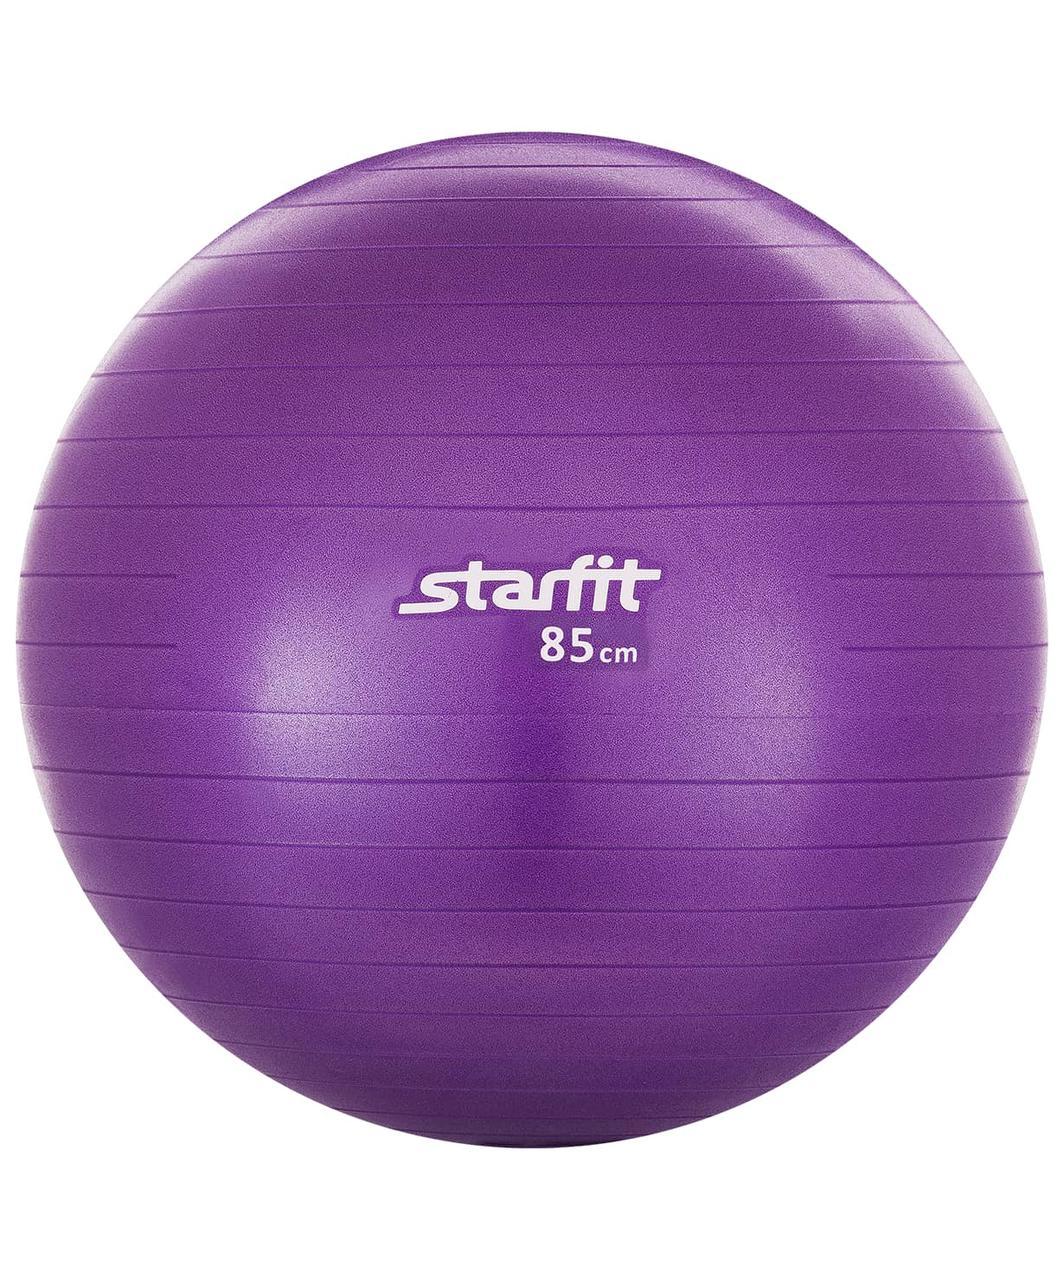 Мяч гимнастический GB-106 85 см, антивзрыв,с насосом, фиолетовый Starfit